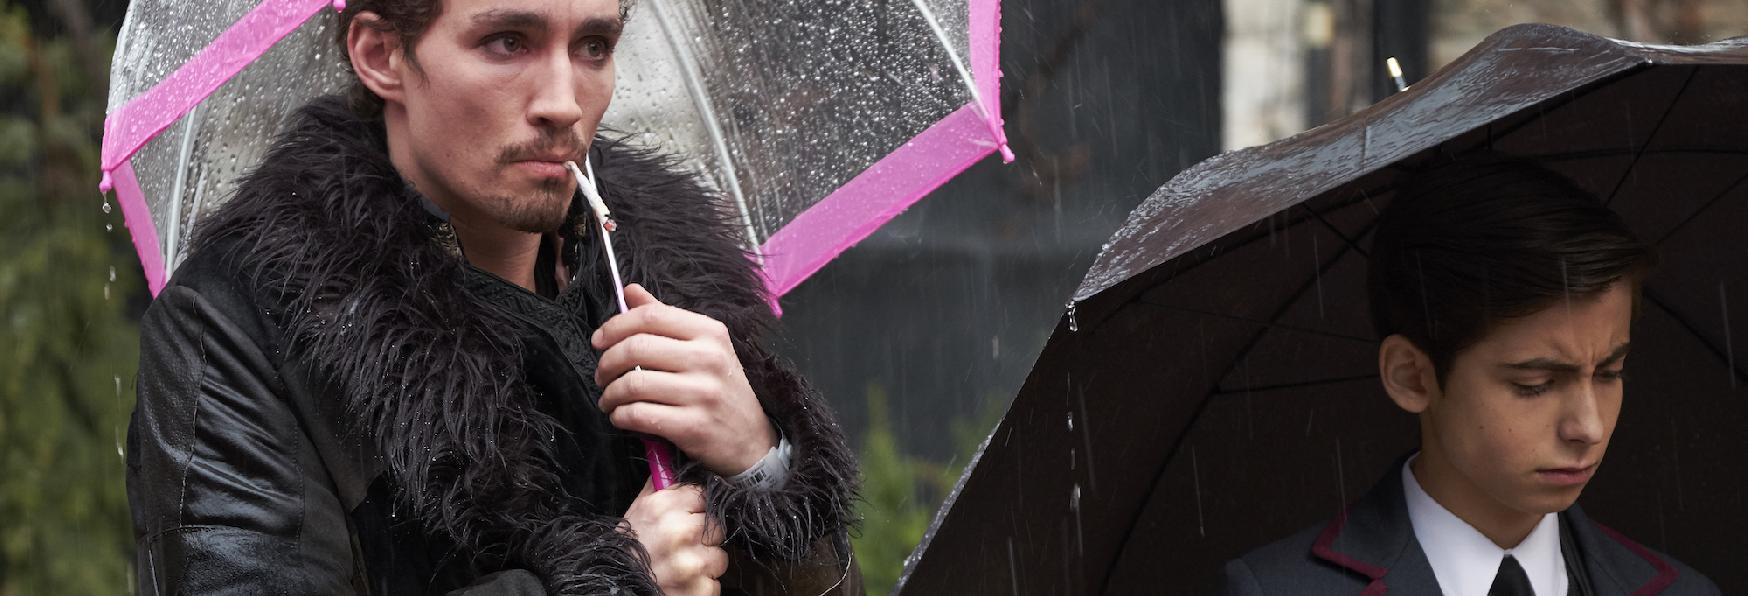 The Umbrella Academy 2: la Produzione alla Ricerca di Location